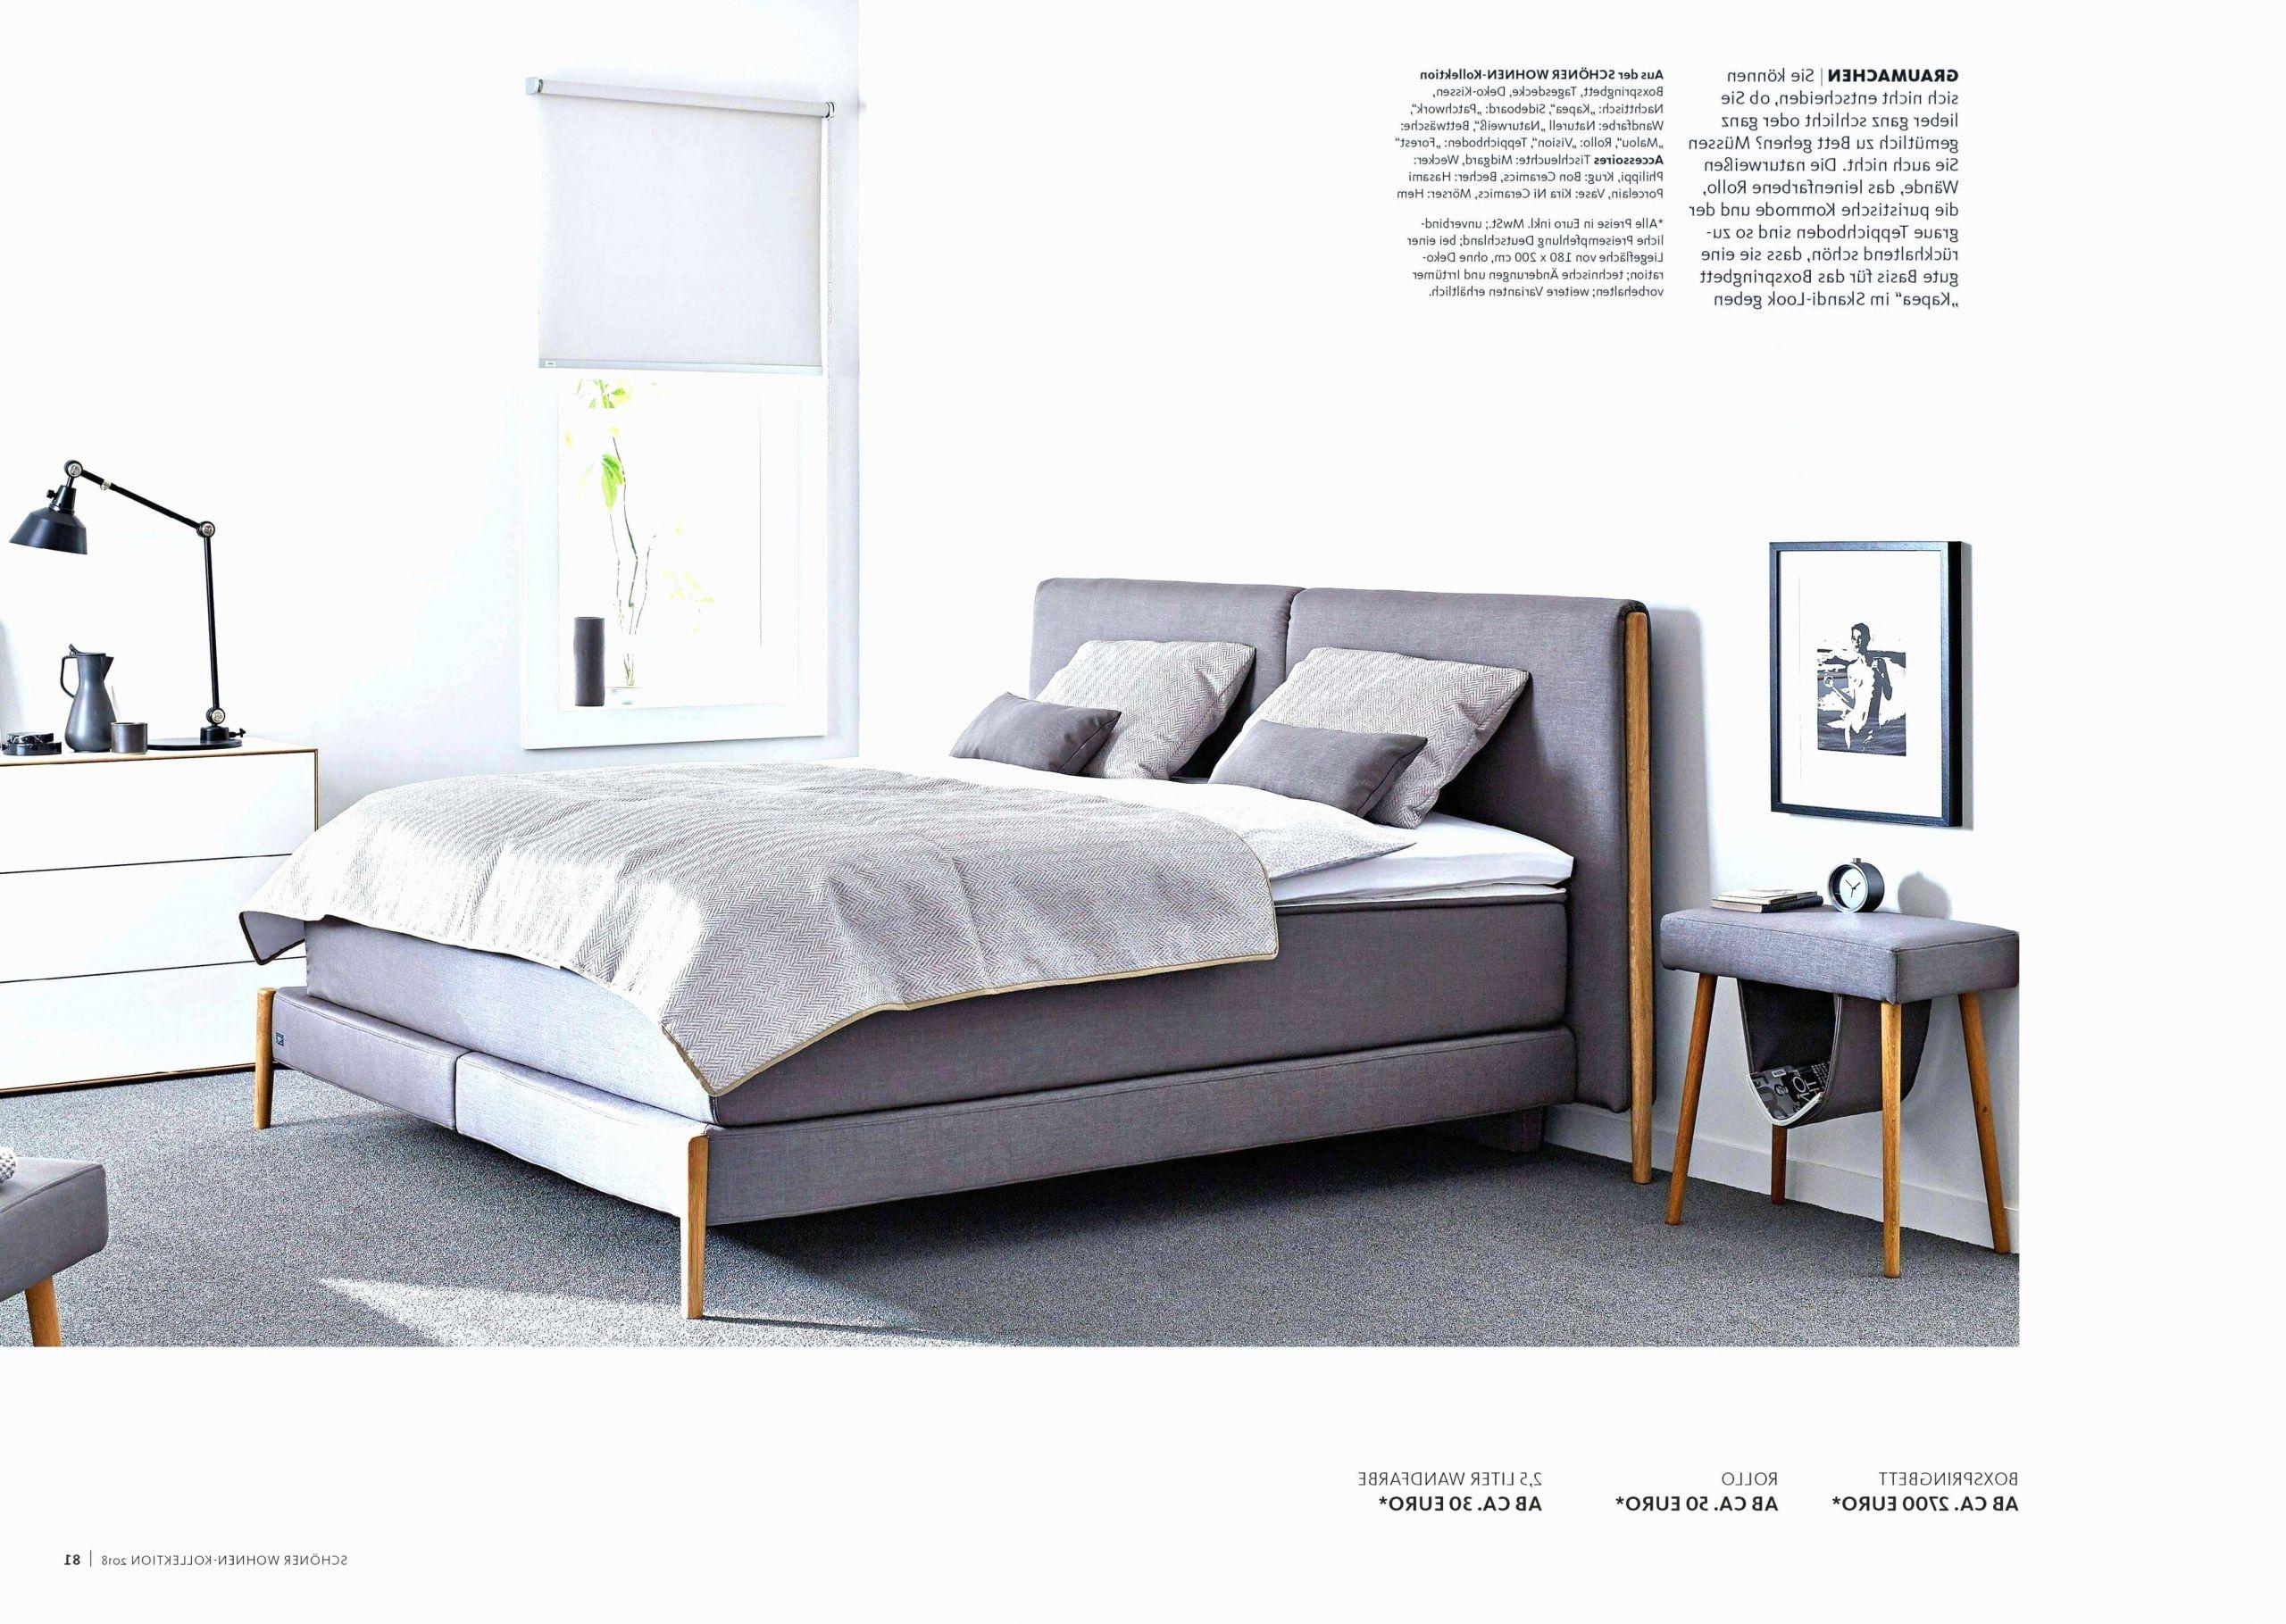 deko ideen schlafzimmer neu schlafzimmer ideen ikea elegant hemnes bed ikea uitstekende of deko ideen schlafzimmer